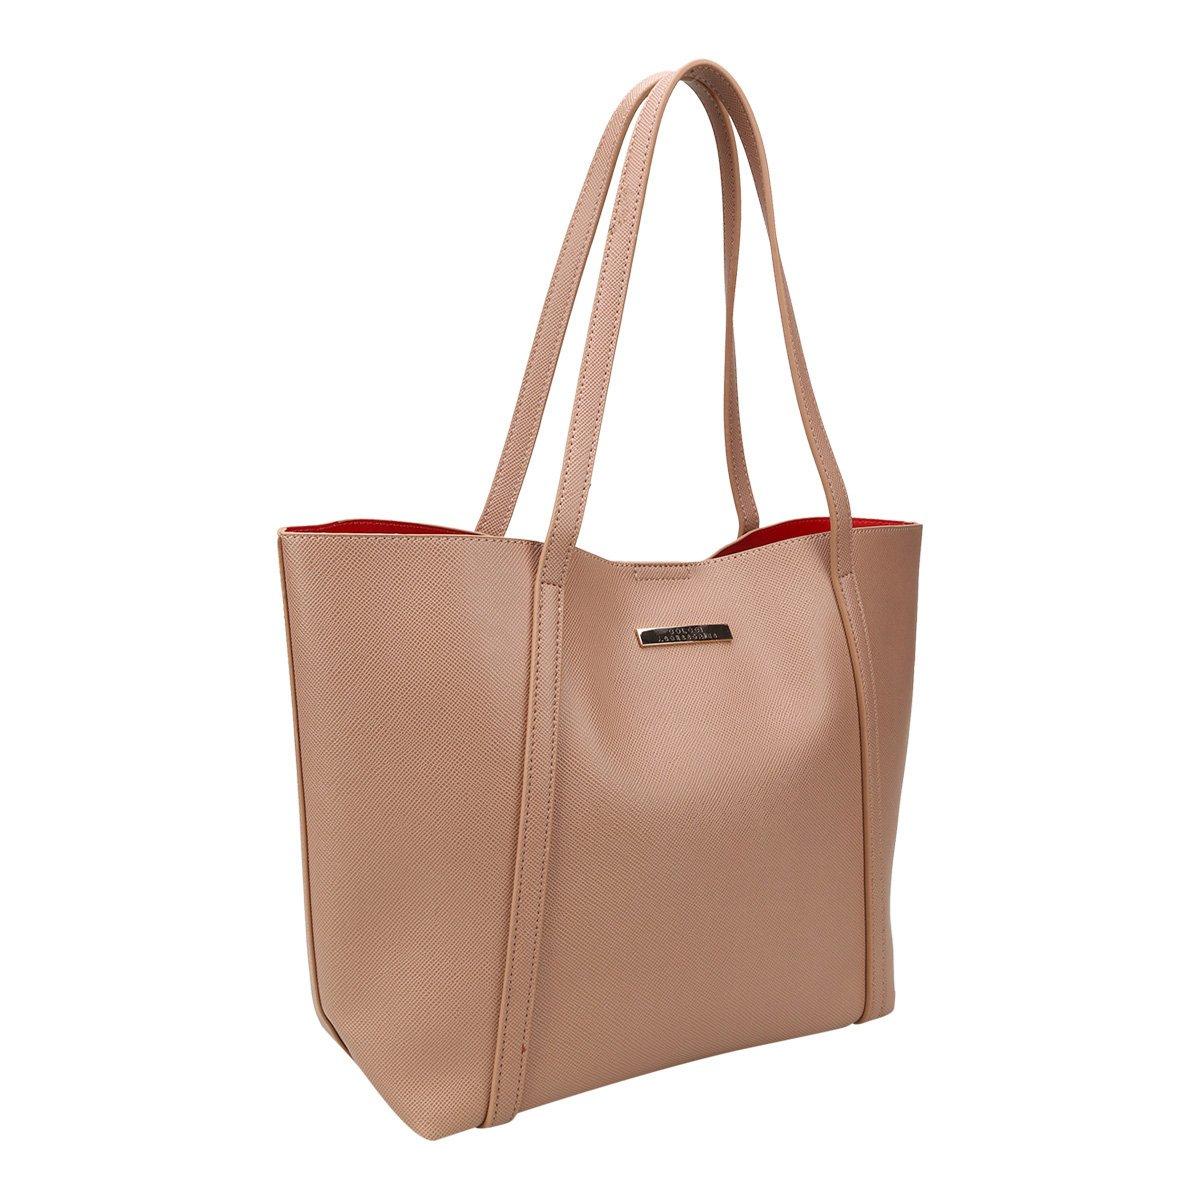 f71e90acf Bolsa Colcci Shopper Plaquinha Feminina   Livelo -Sua Vida com Mais  Recompensas